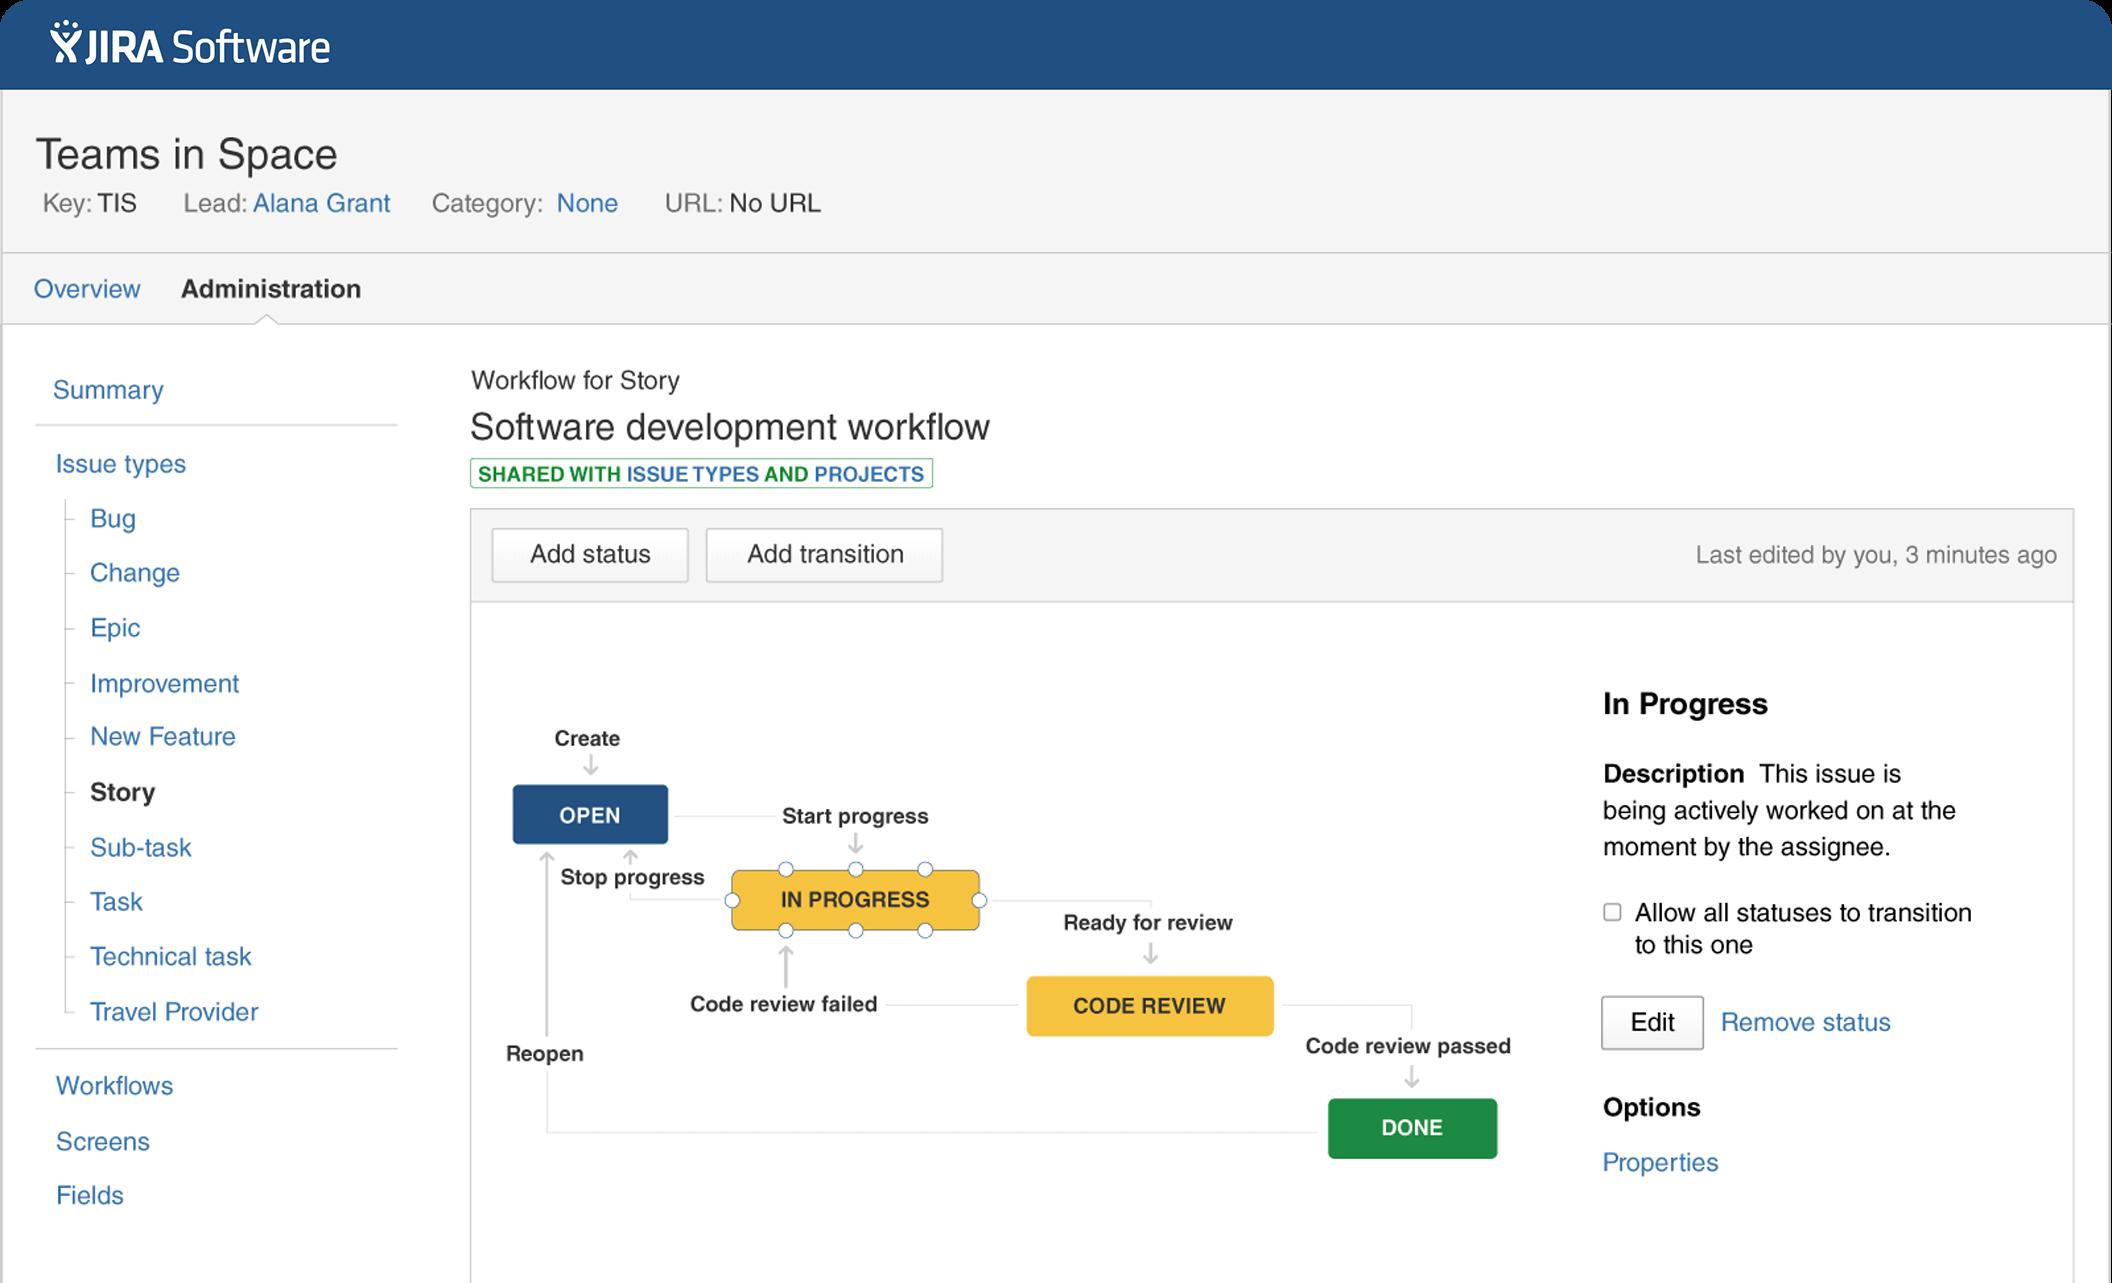 herramienta de gestión de proyectos-jira-software de flujo de trabajo